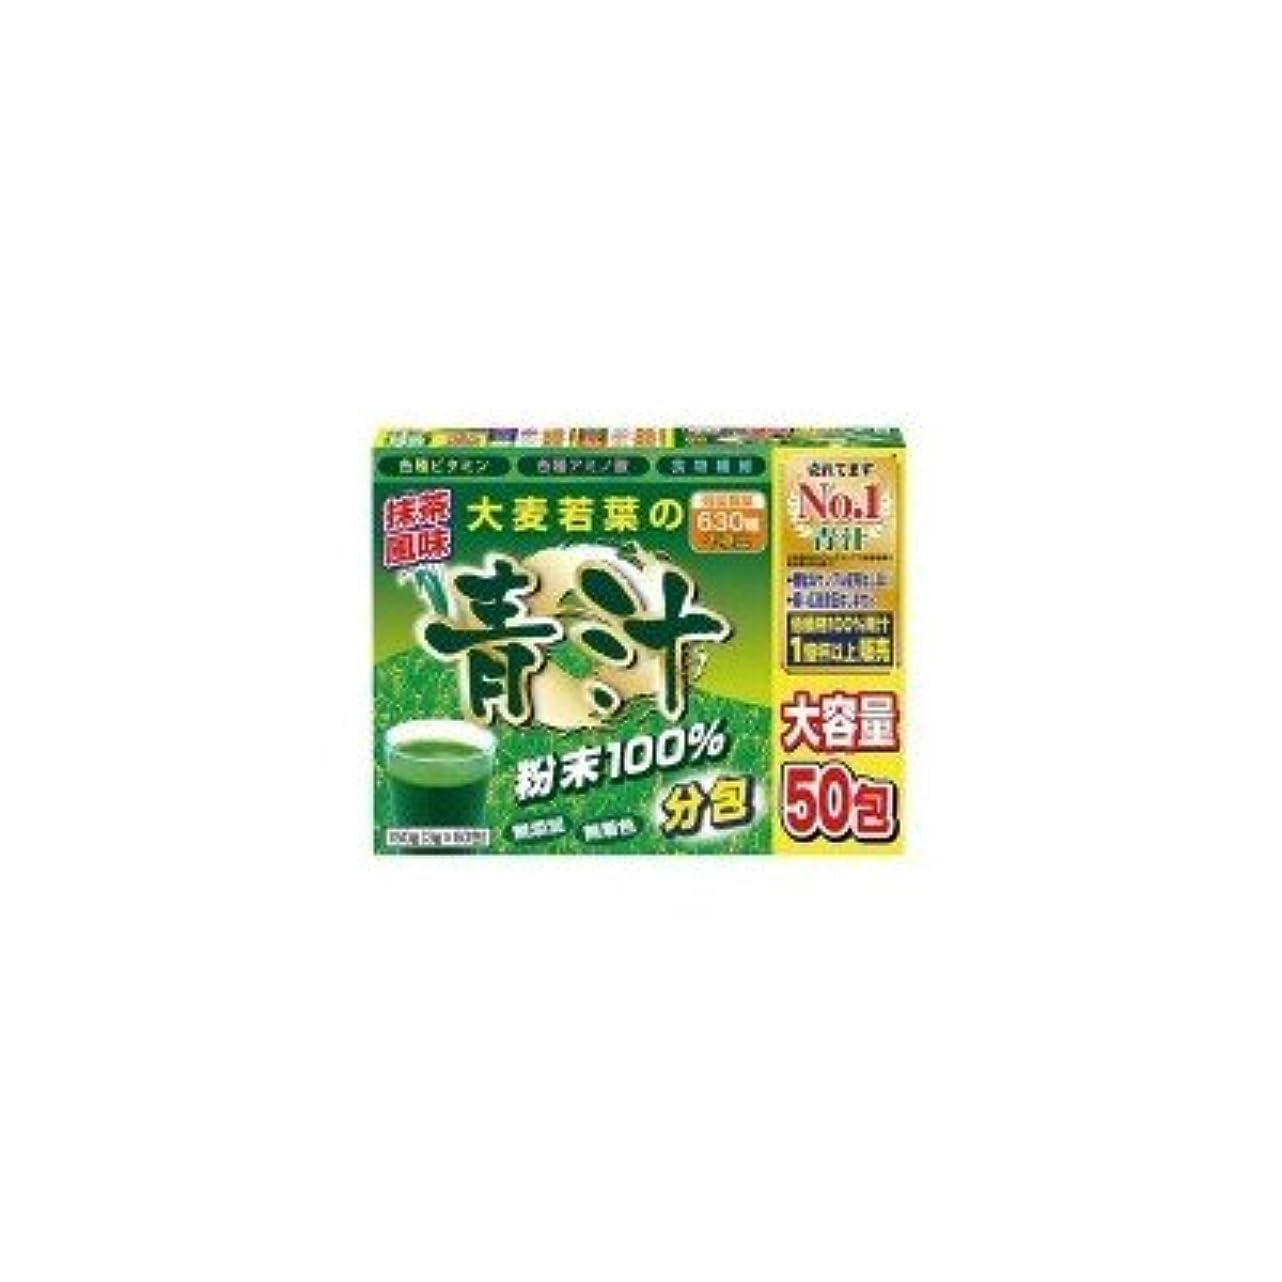 寄生虫耐久ボウル大麦若葉の青汁100% 150g(3g×50包) 2260